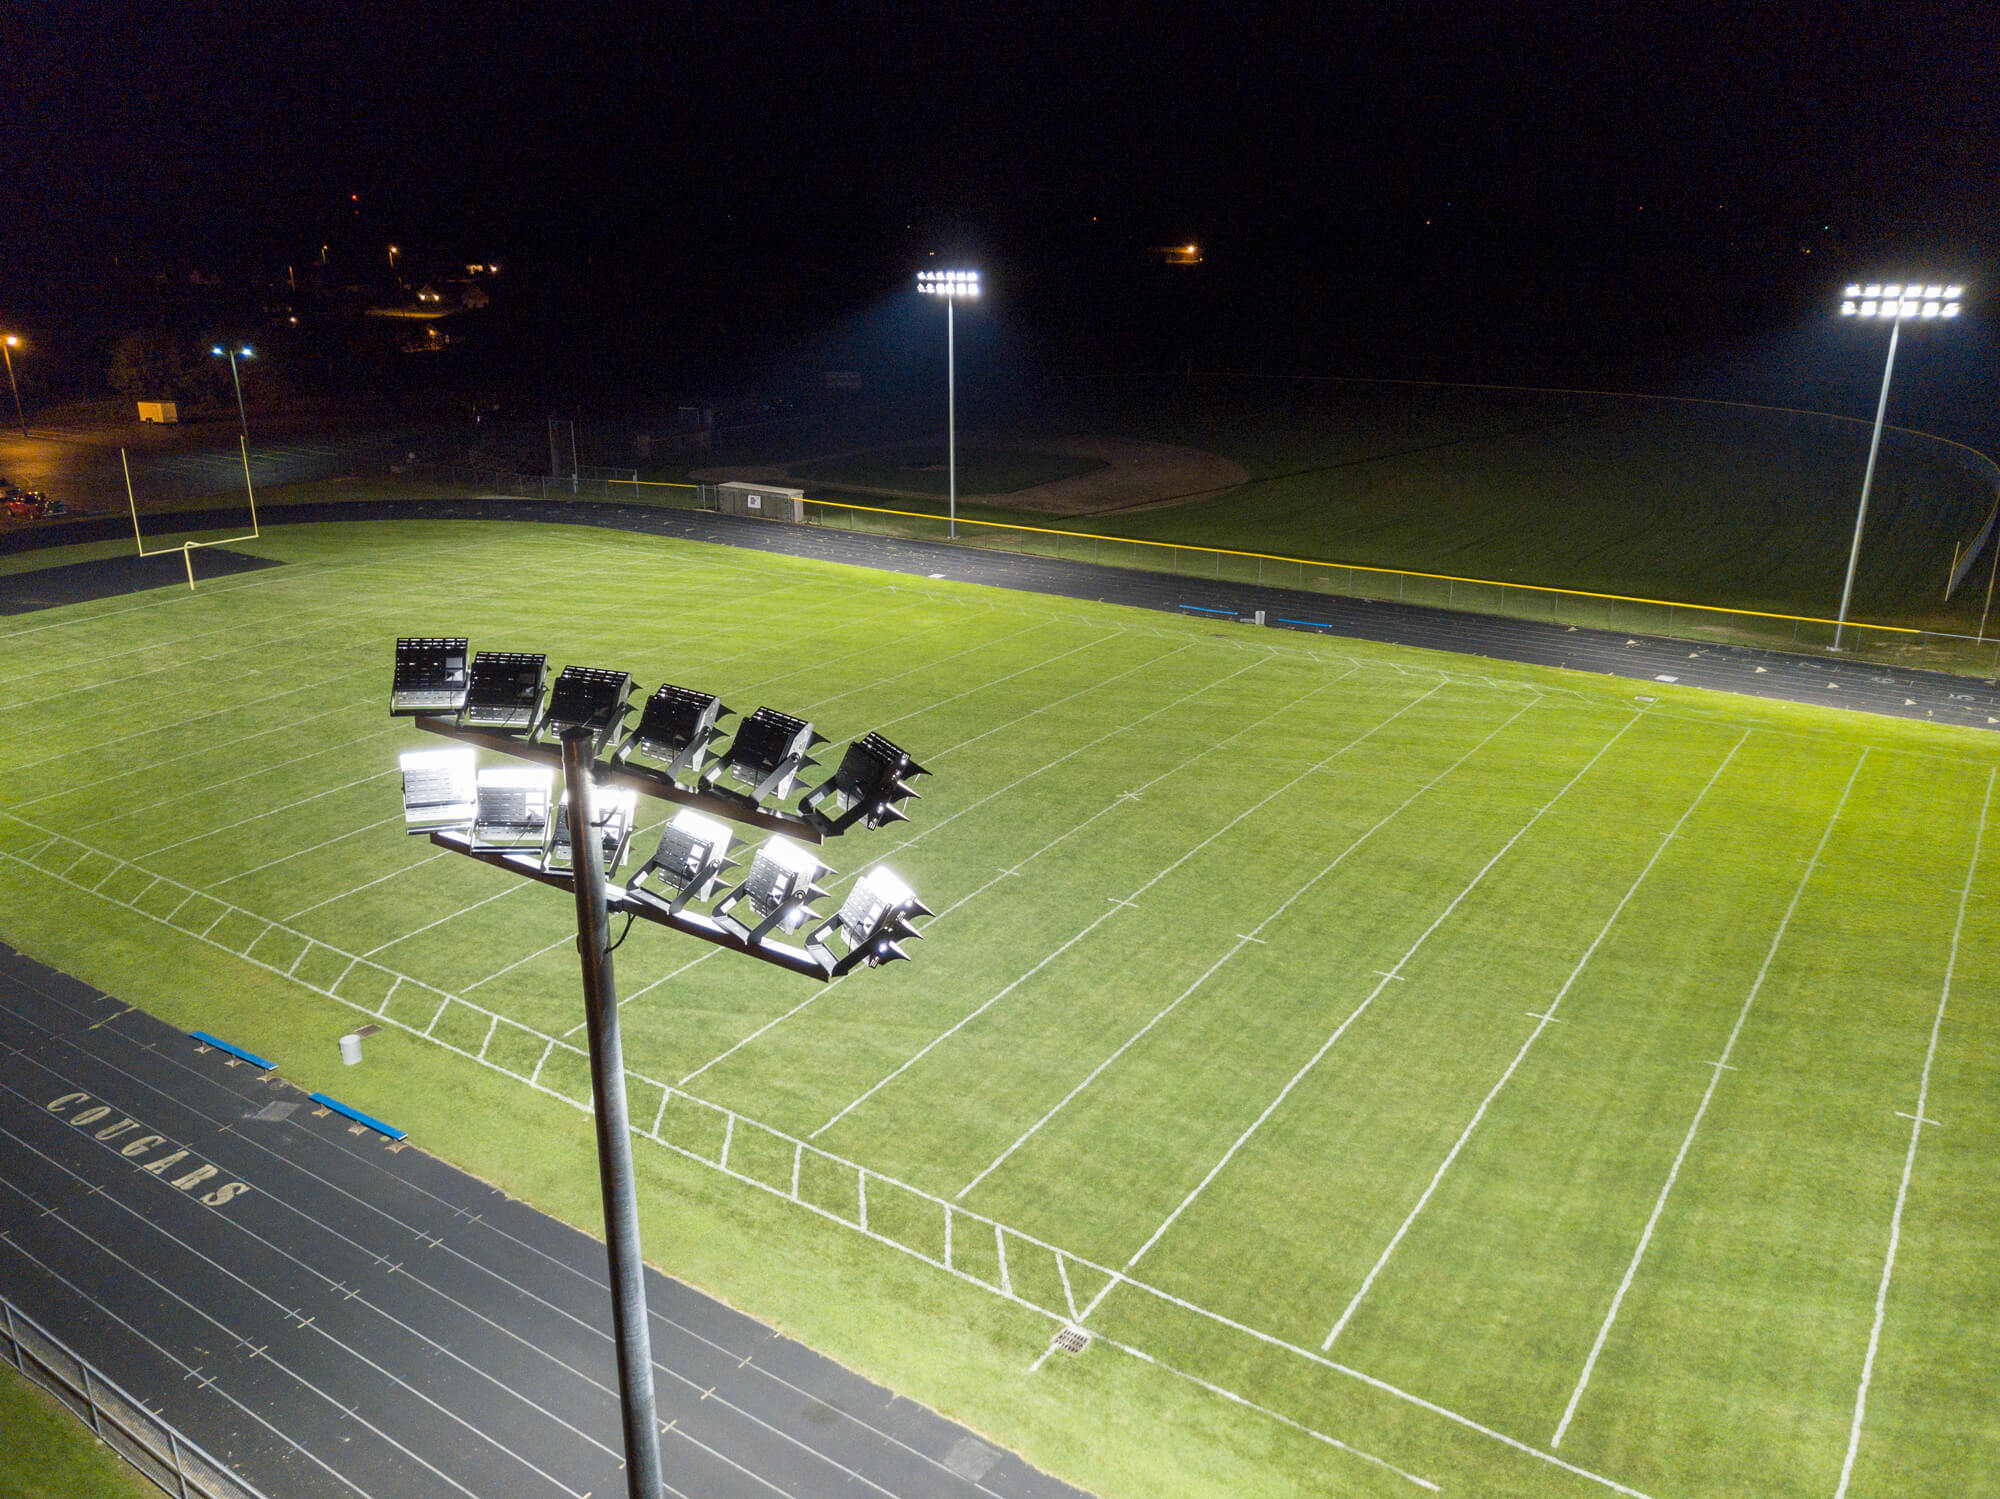 campbellsport-high-school-football-field-01.jpg